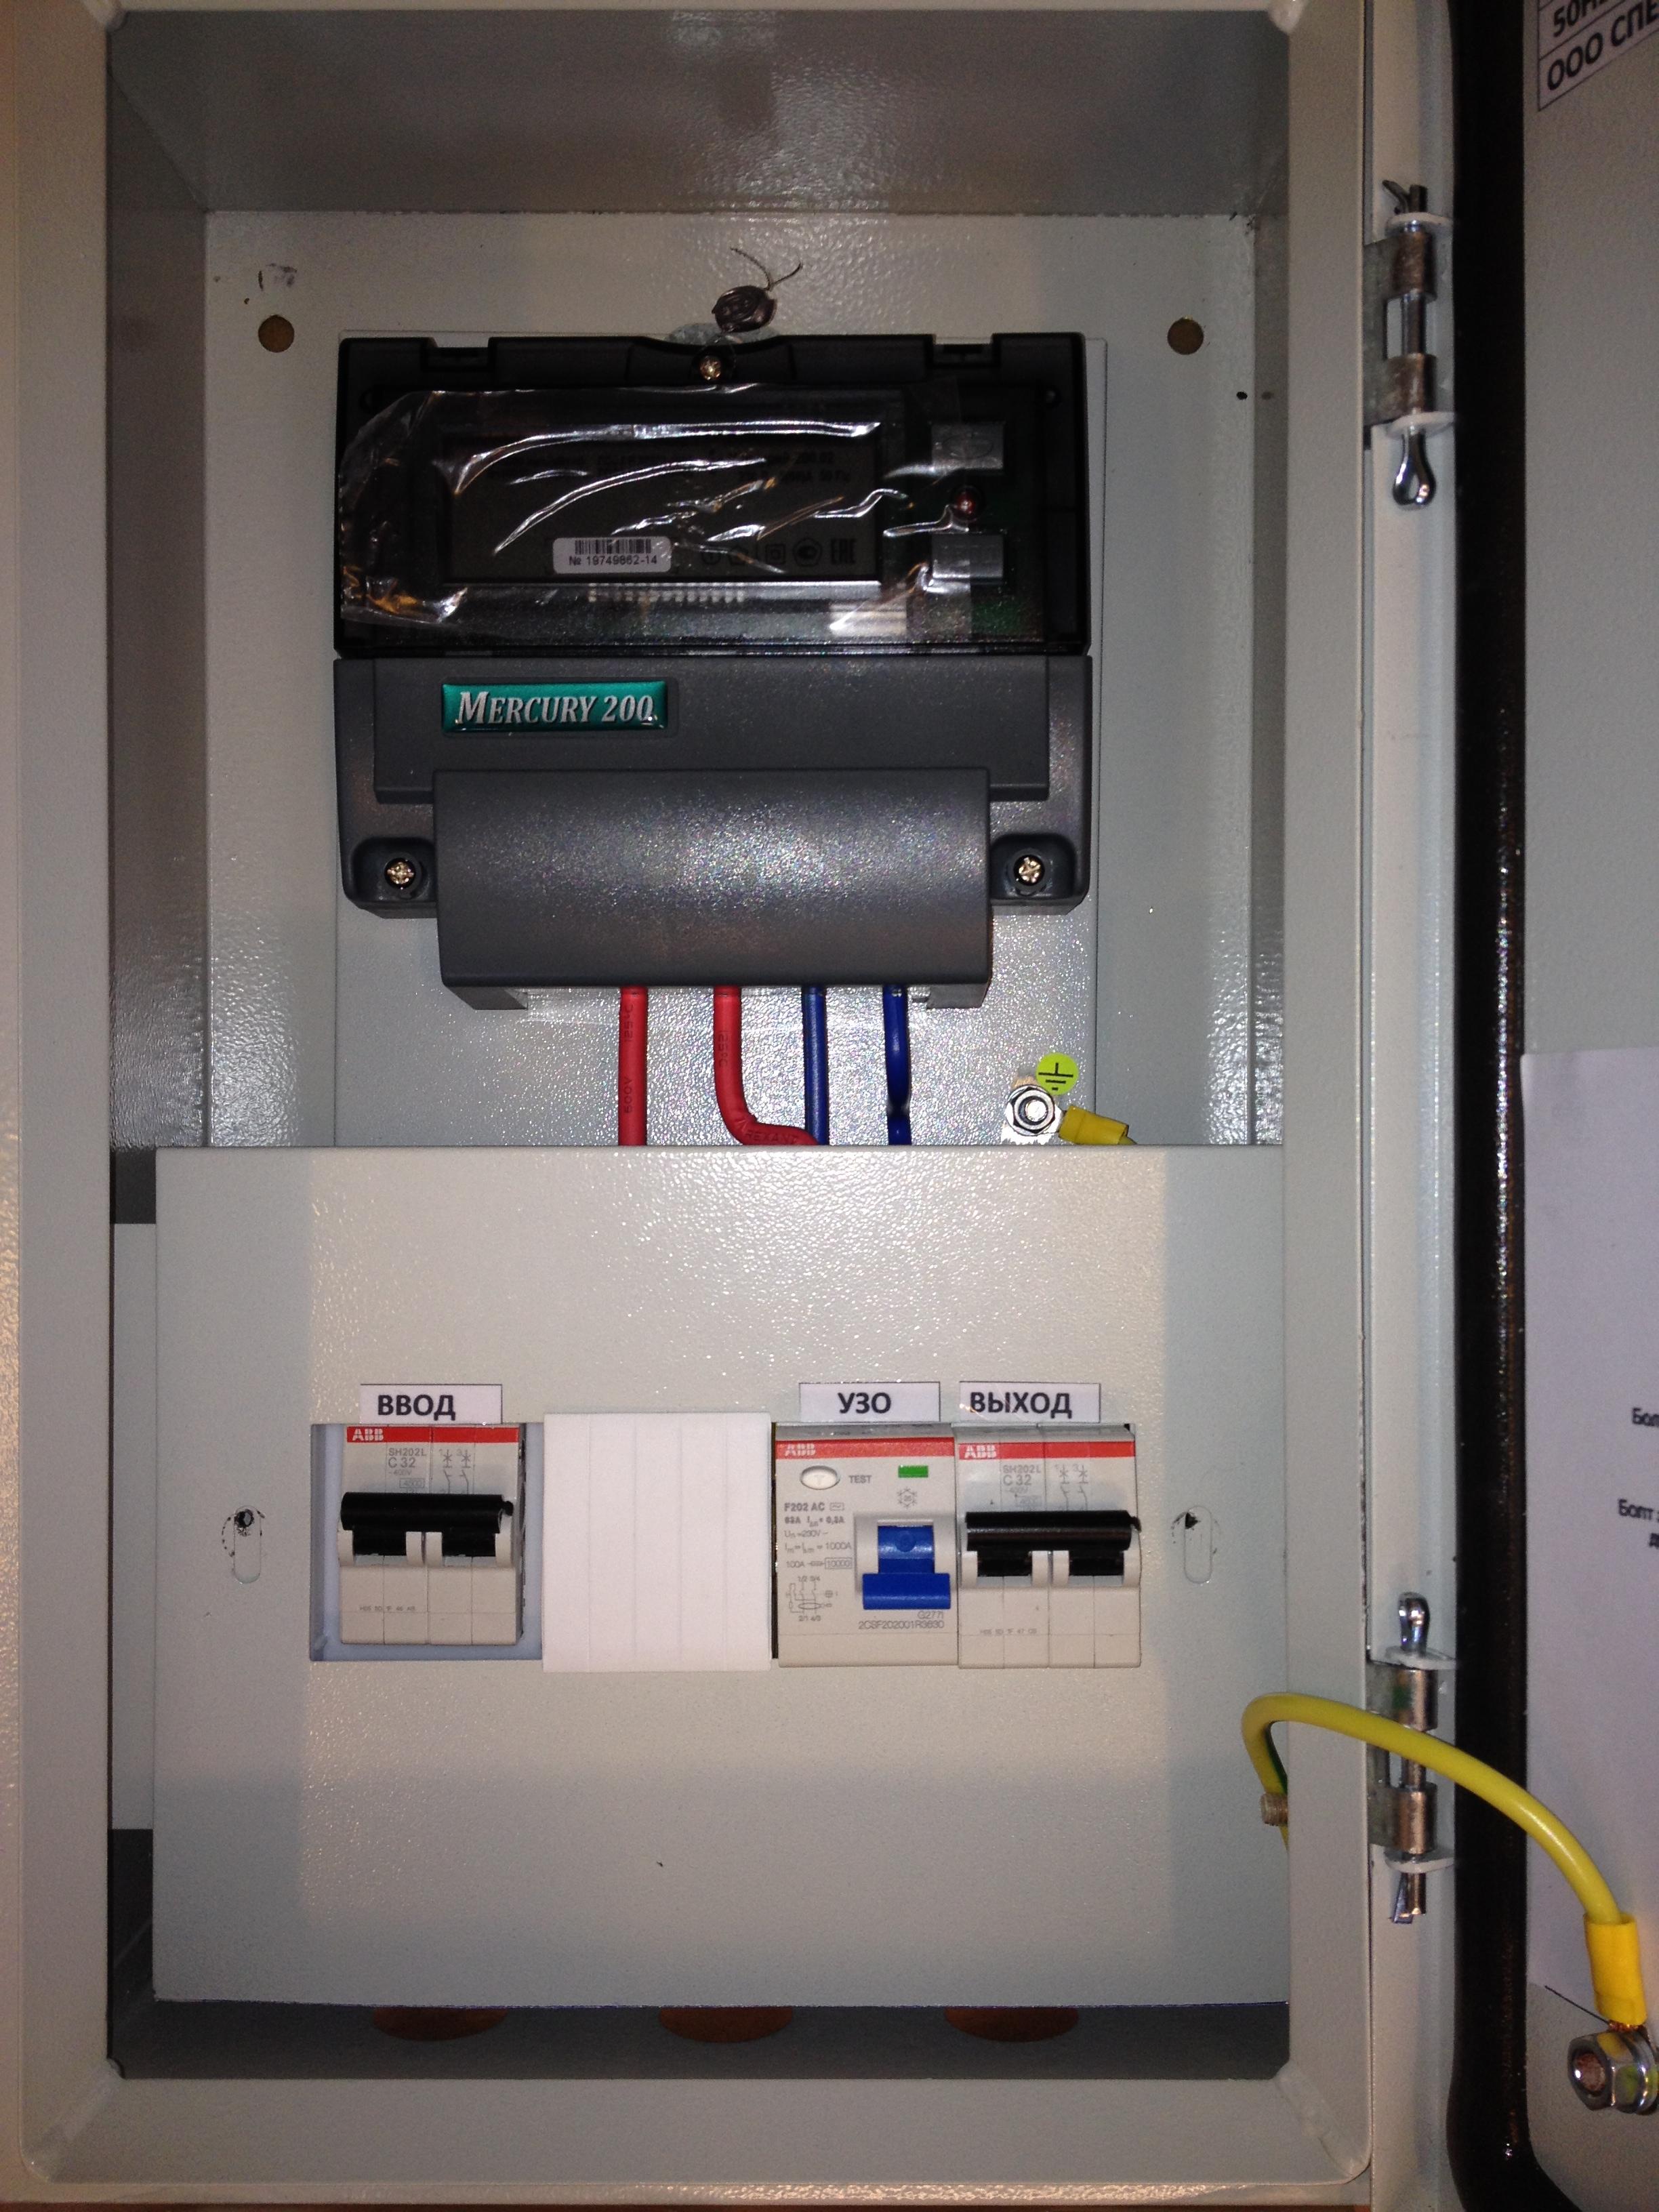 инструкция подключения сч тчика меркурий 230 через трансформаторы тока